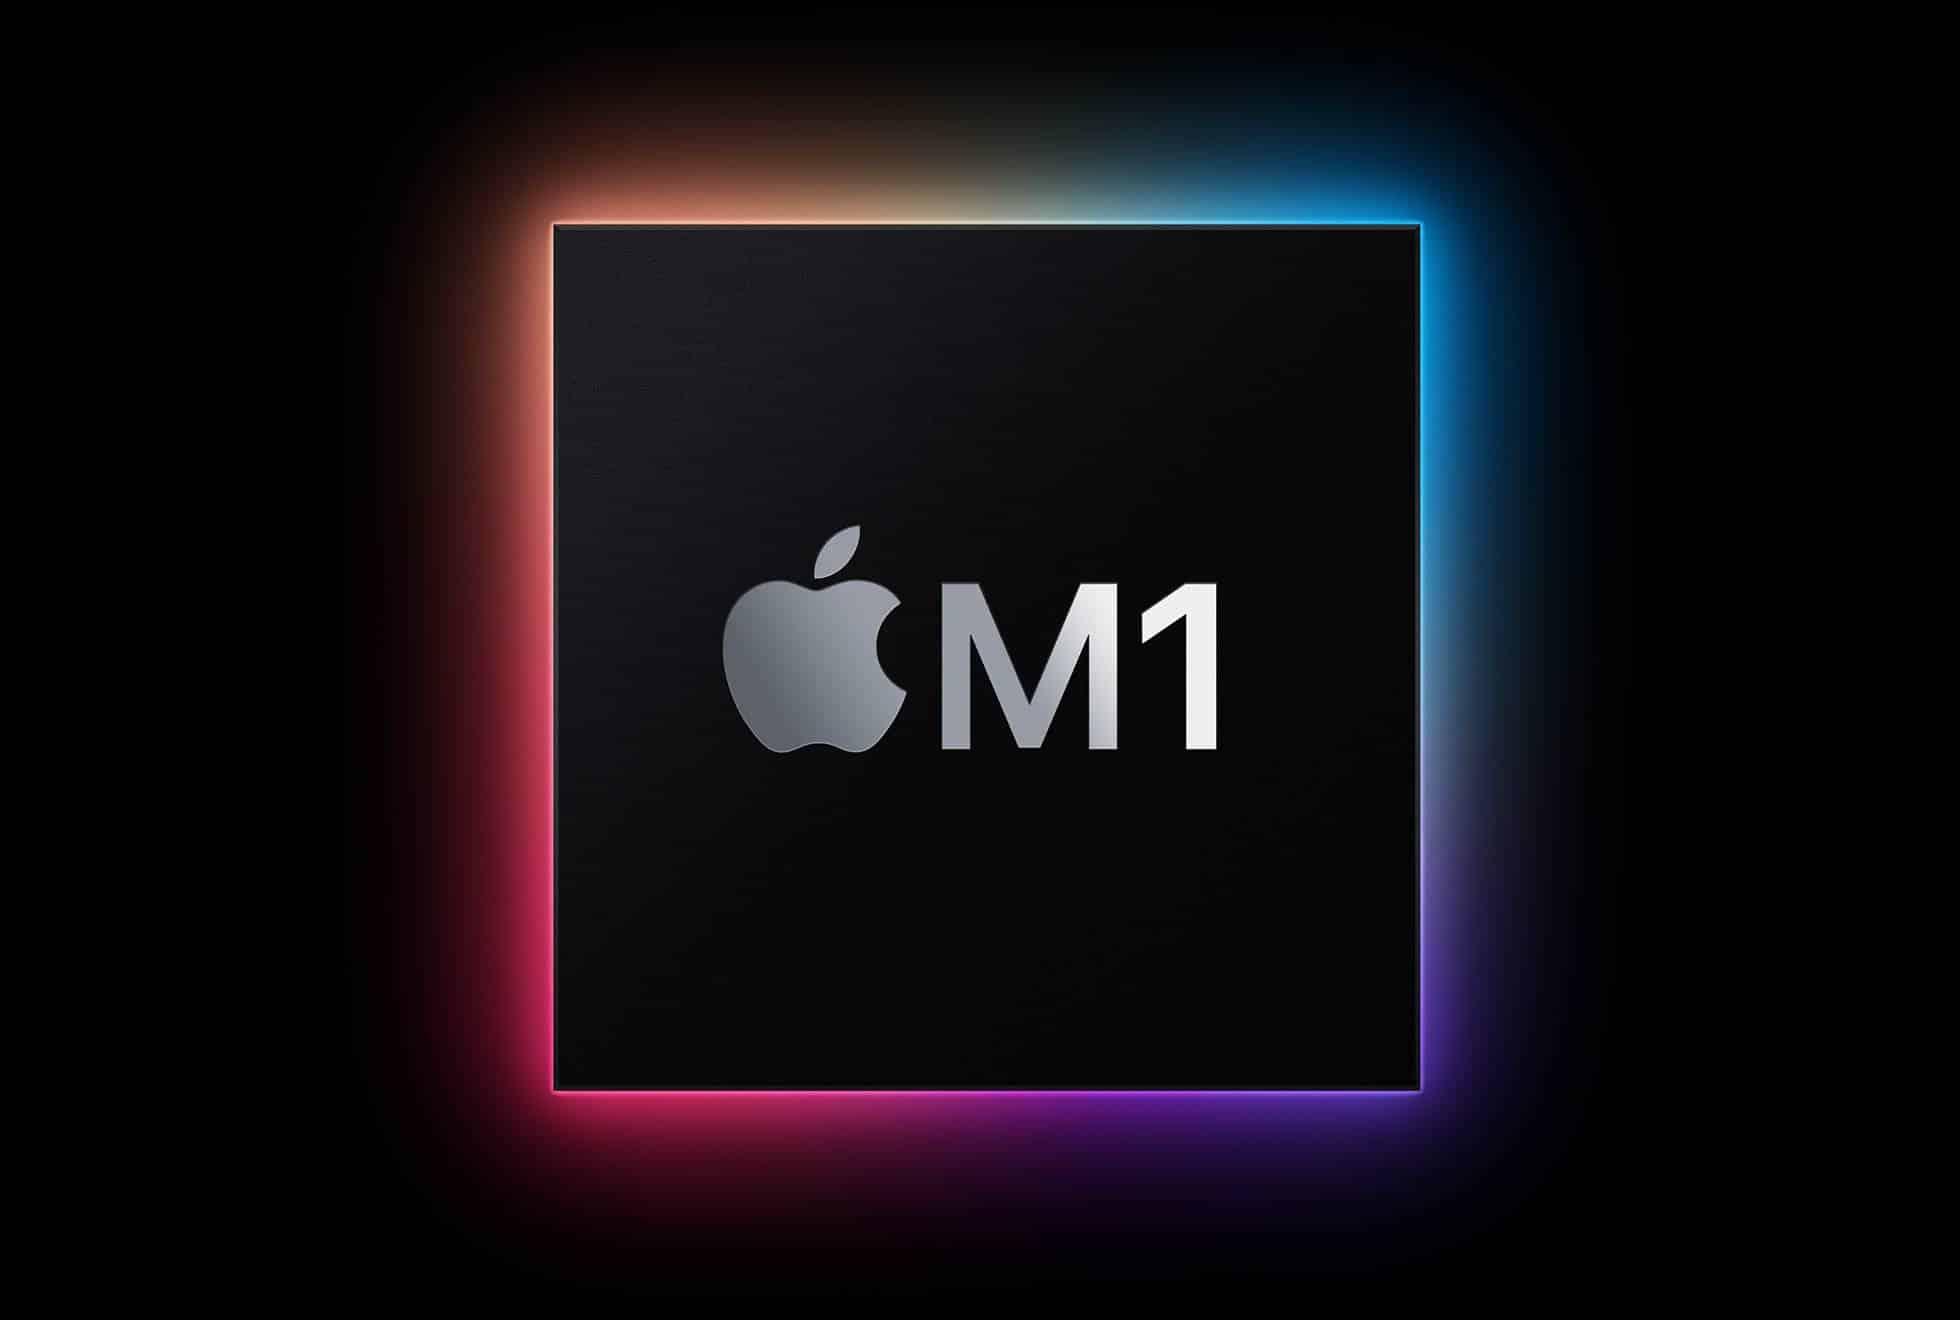 Processador M1 trouxe várias novidades para o ecossistema Apple. Crédito: Apple/Divulgação